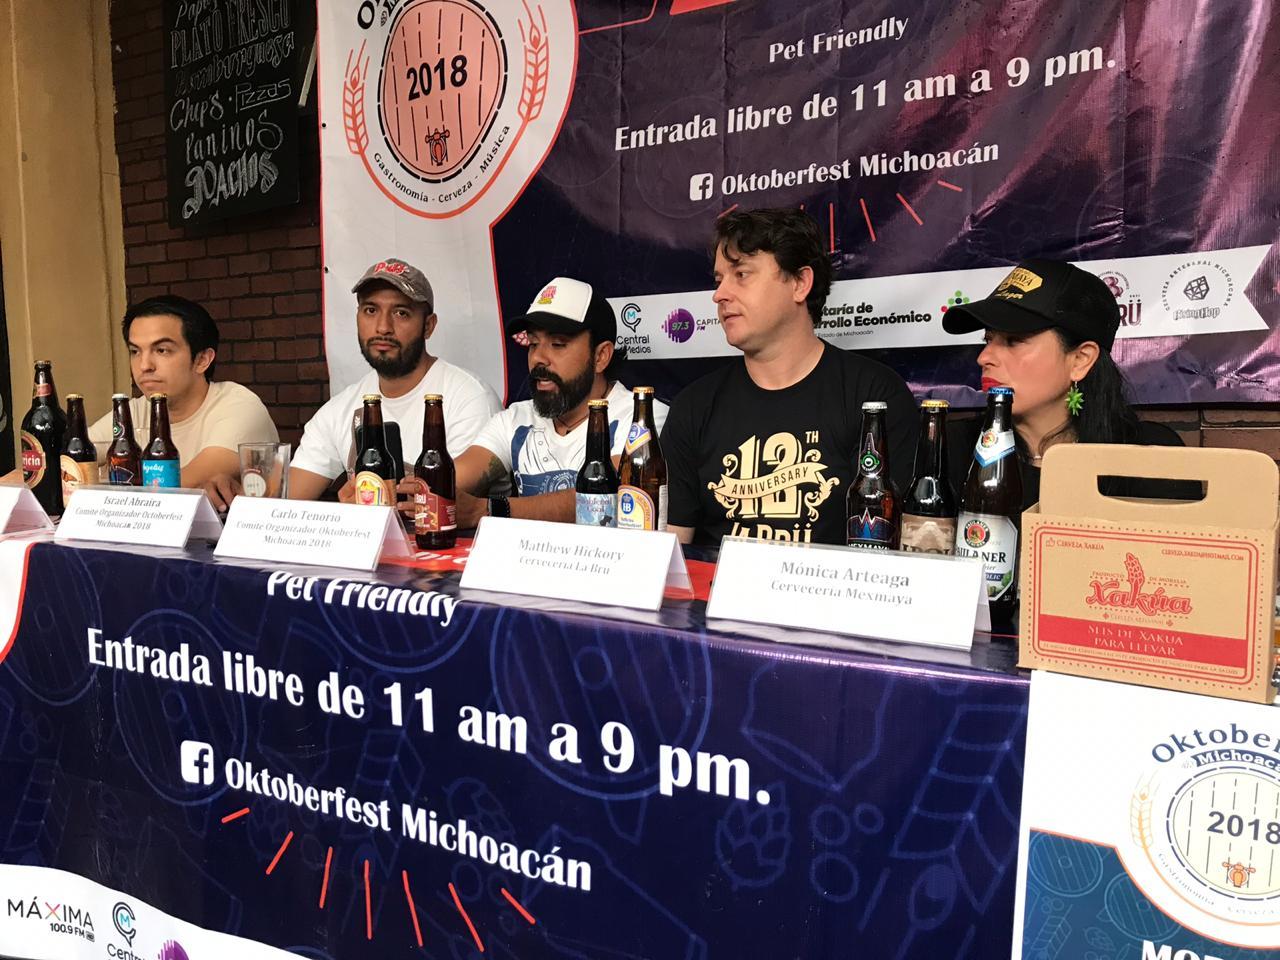 Oktoberfest Michoacán, una celebración de la cultura cervecera artesanal y la economía local